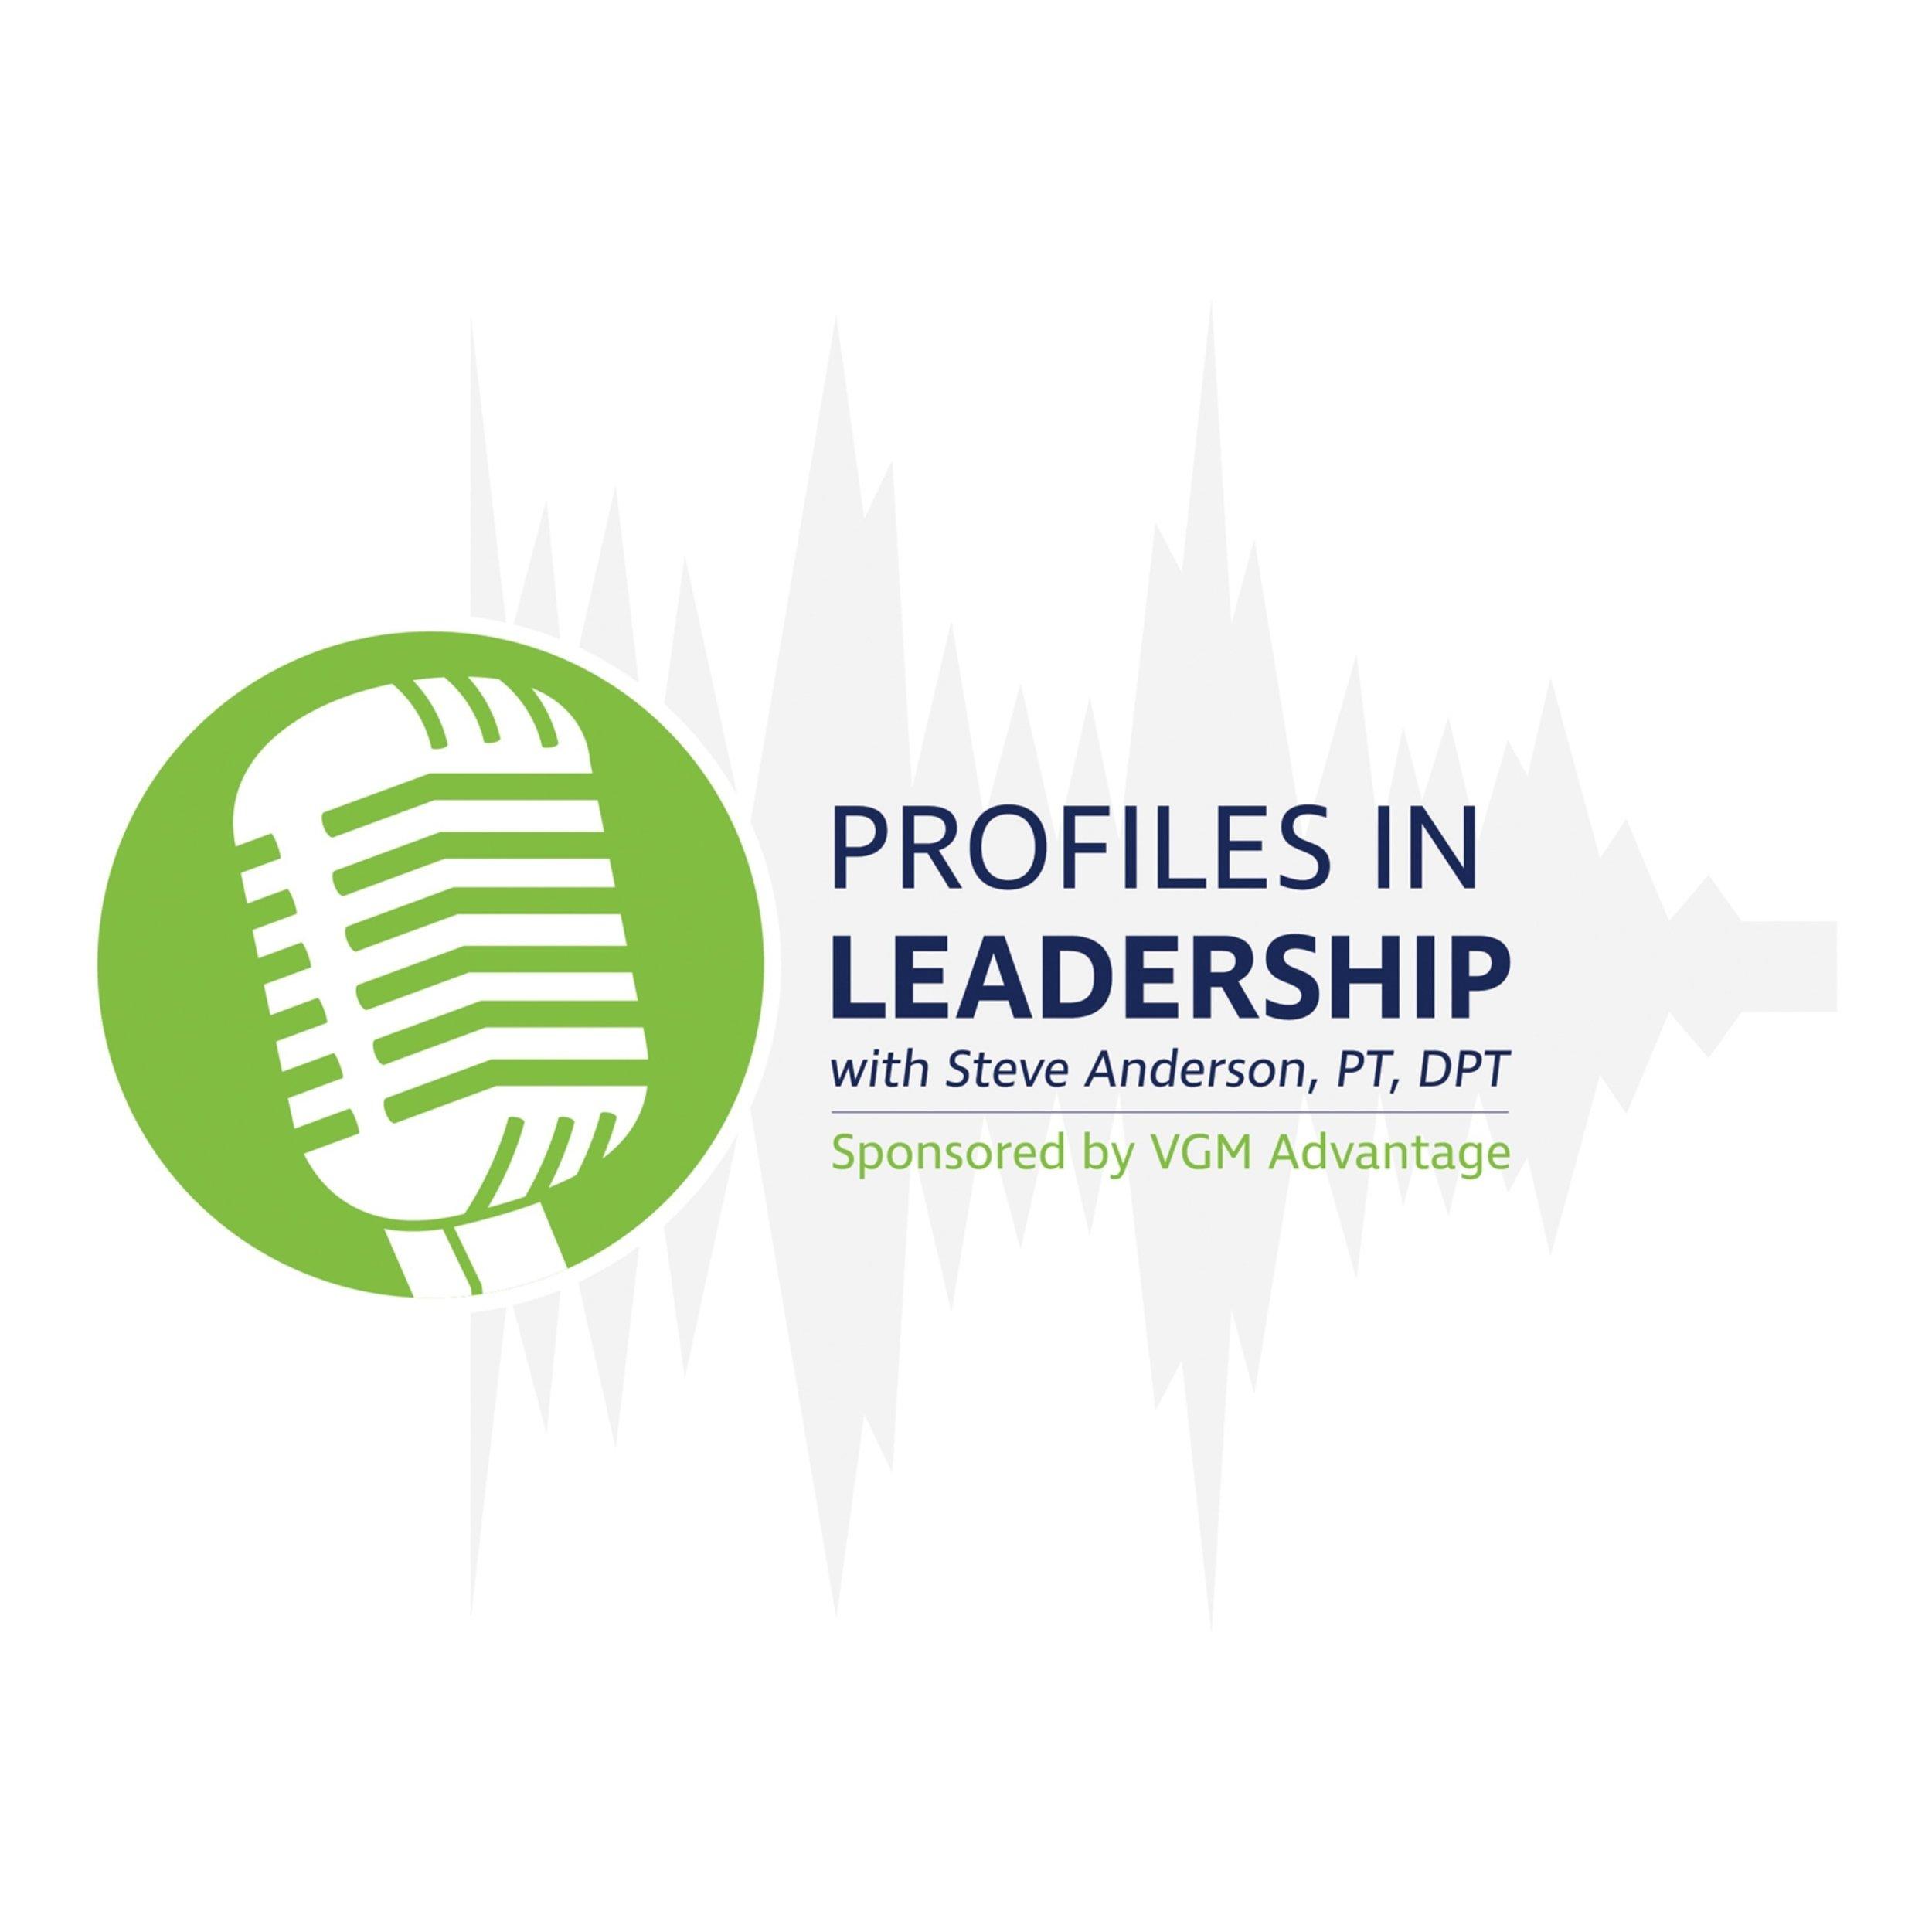 profilesinleadership.jpg